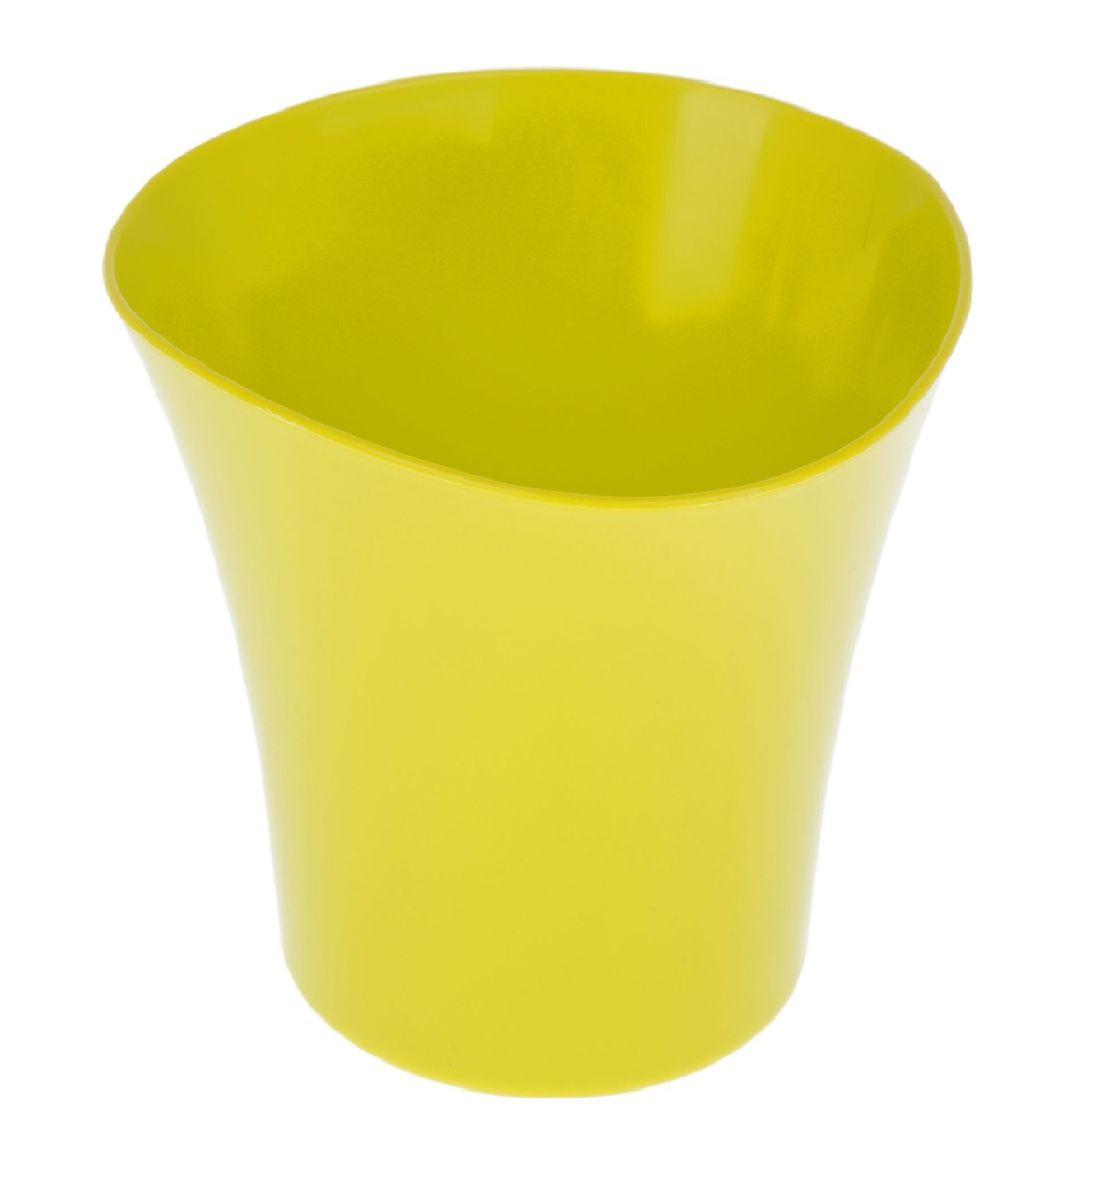 Кашпо JetPlast Волна, цвет: фисташковый, 1,5 л5907474330457Кашпо Волна имеет уникальную форму, сочетающуюся как с классическим, так и с современным дизайном интерьера. Оно изготовлено из прочного полипропилена (пластика) и предназначено для выращивания растений, цветов и трав в домашних условиях. Такое кашпо порадует вас функциональностью, а благодаря лаконичному дизайну впишется в любой интерьер помещения. Объем кашпо: 1,5 л.